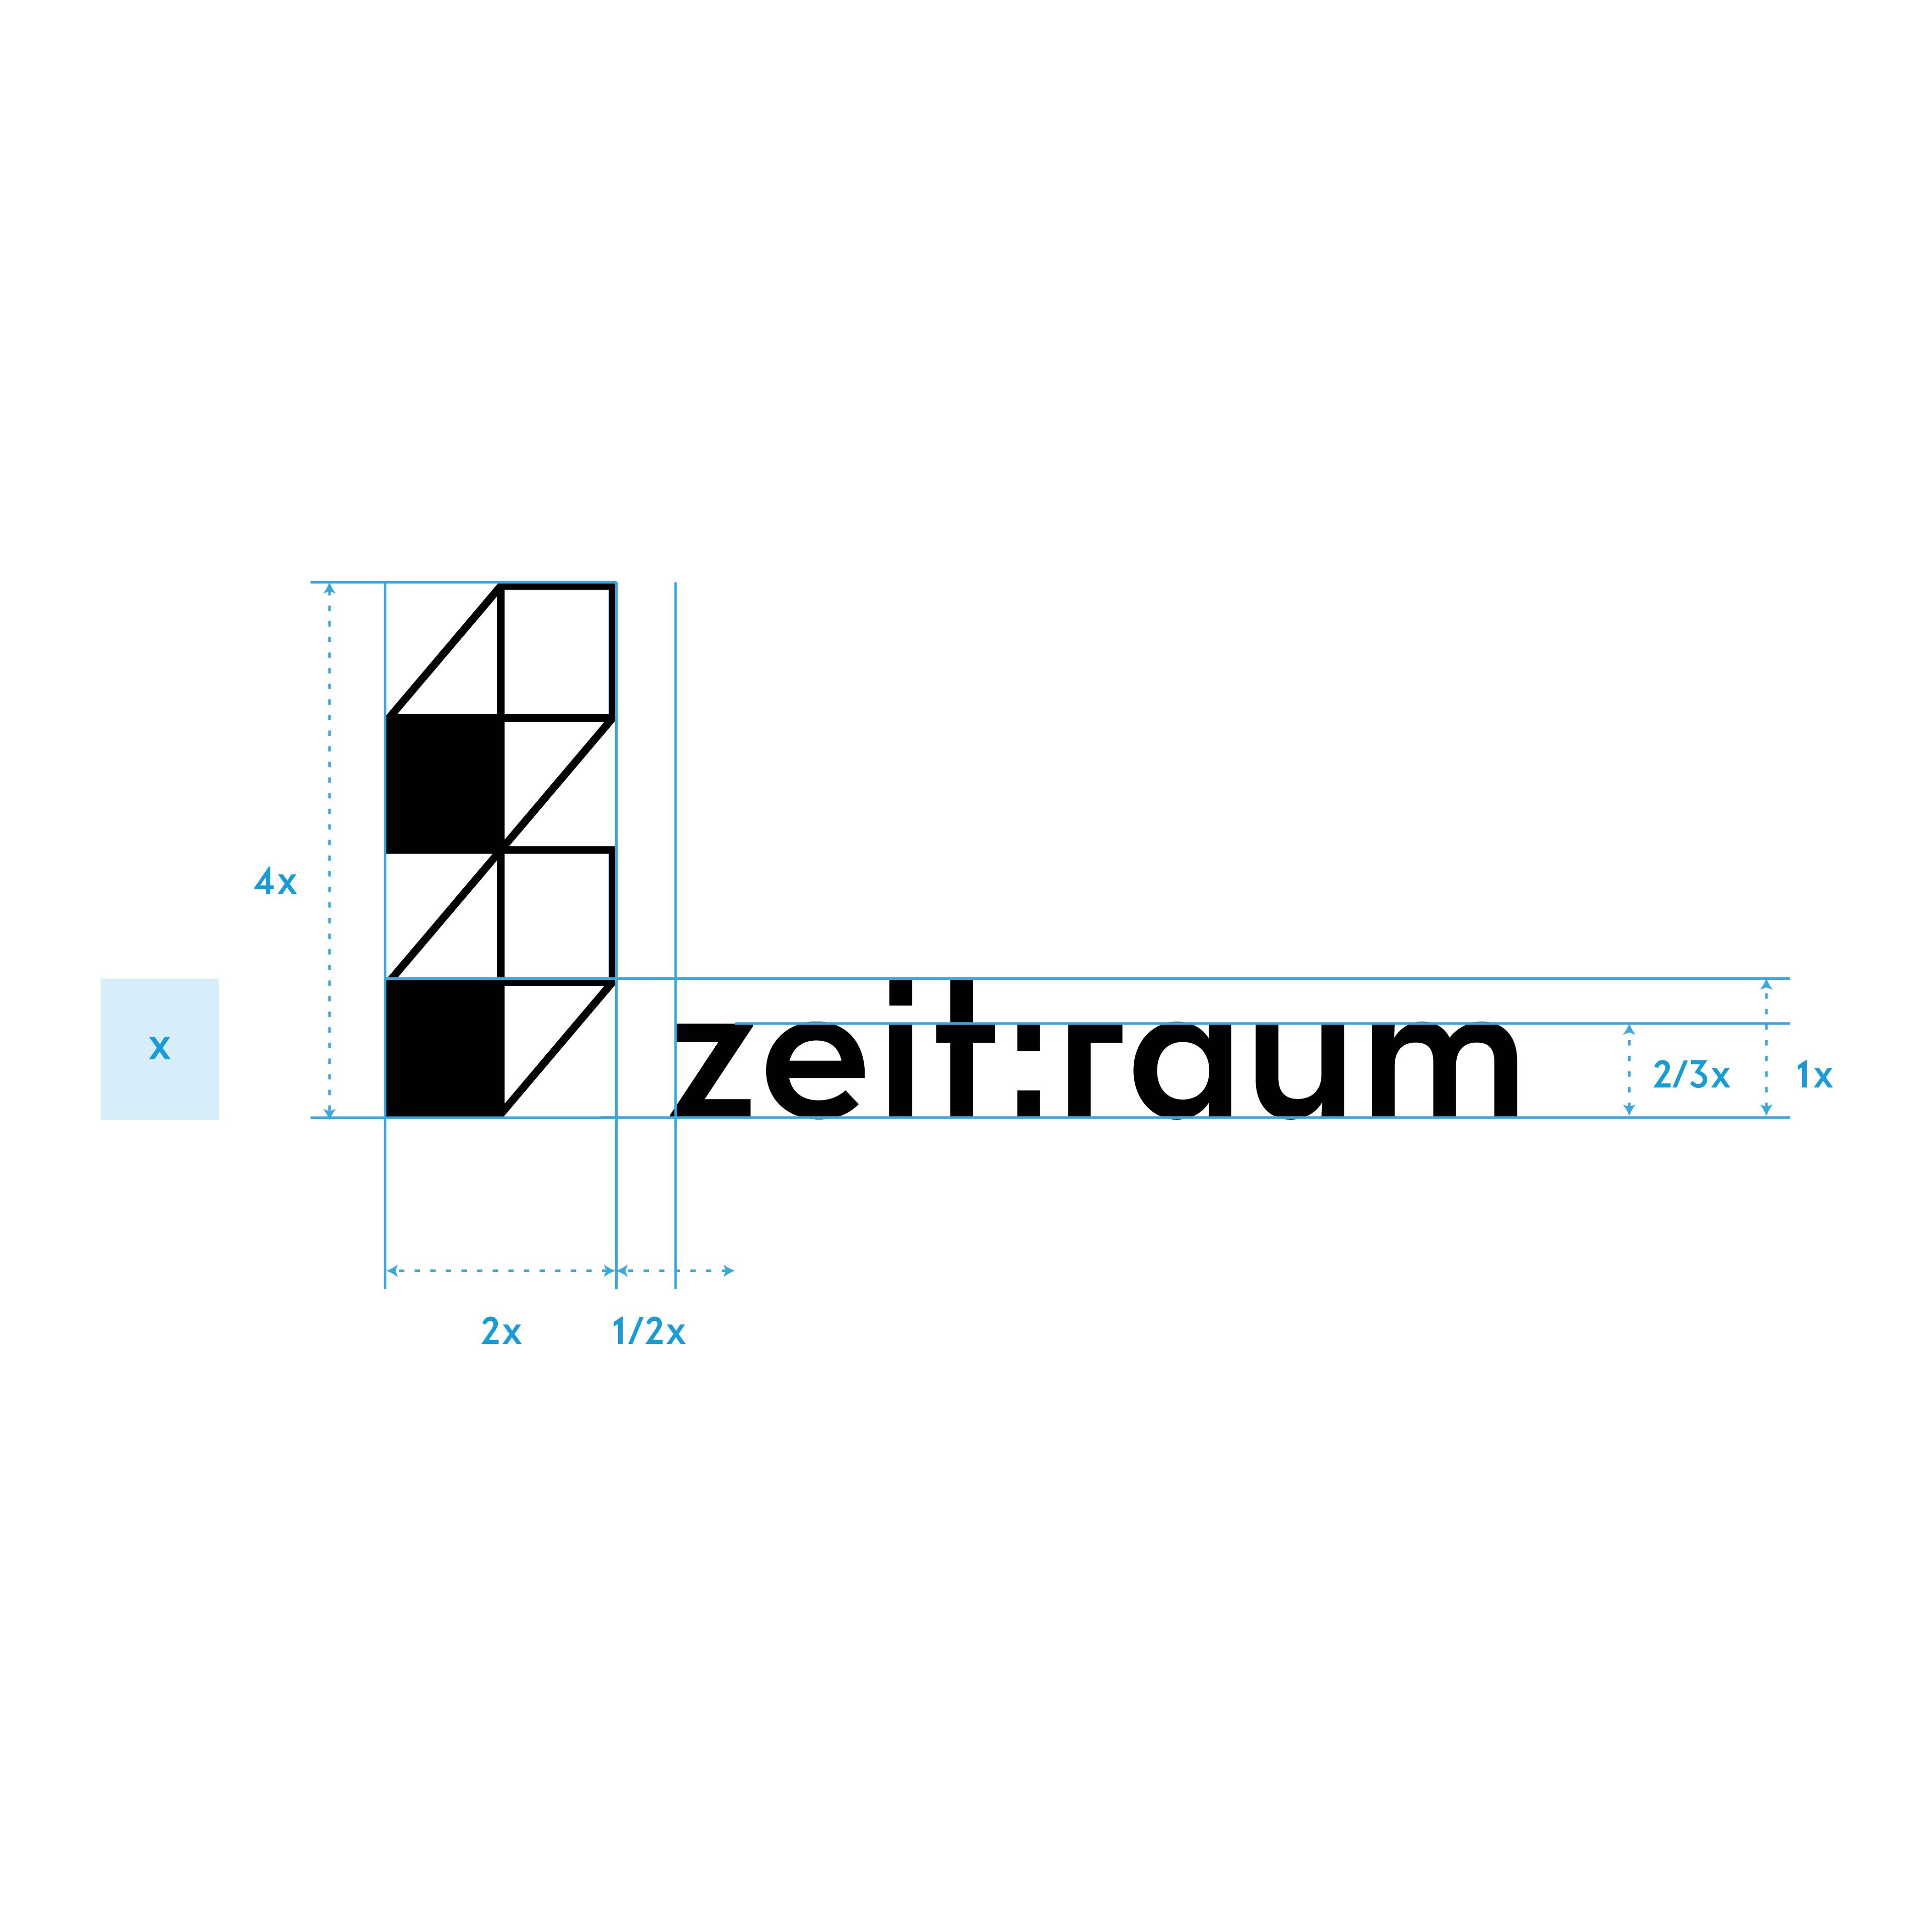 zeitraum_logo_messurement_01